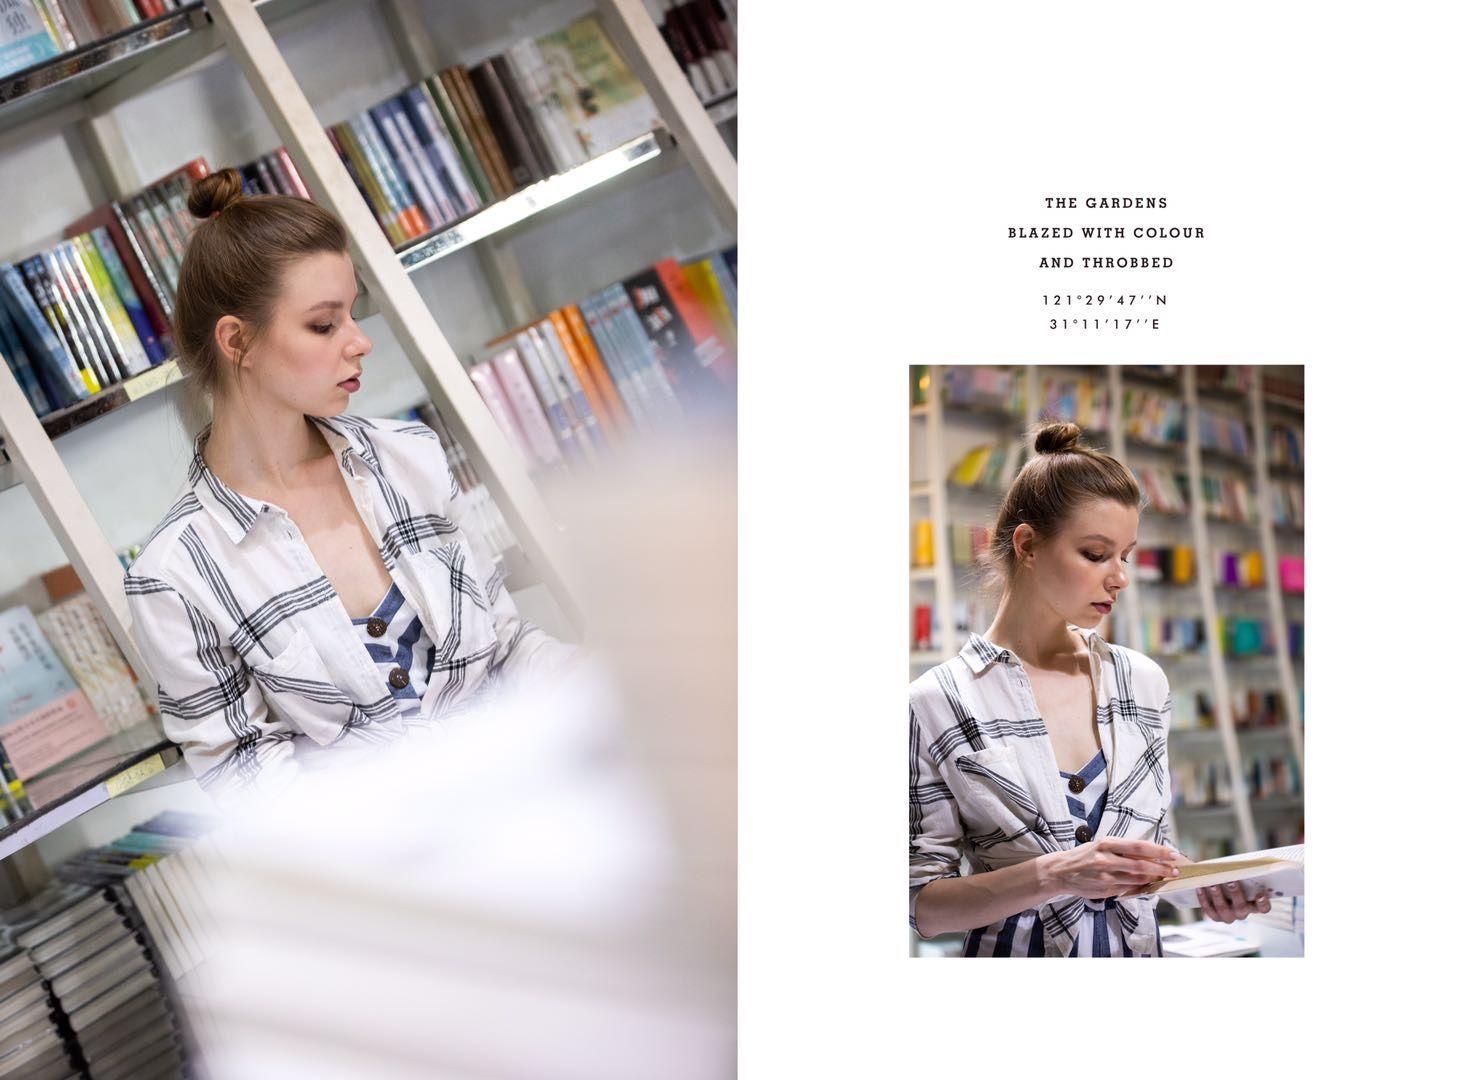 2019-06-02 专业外模时尚街拍活动_摄影师DEXTRBJ-清水的返片